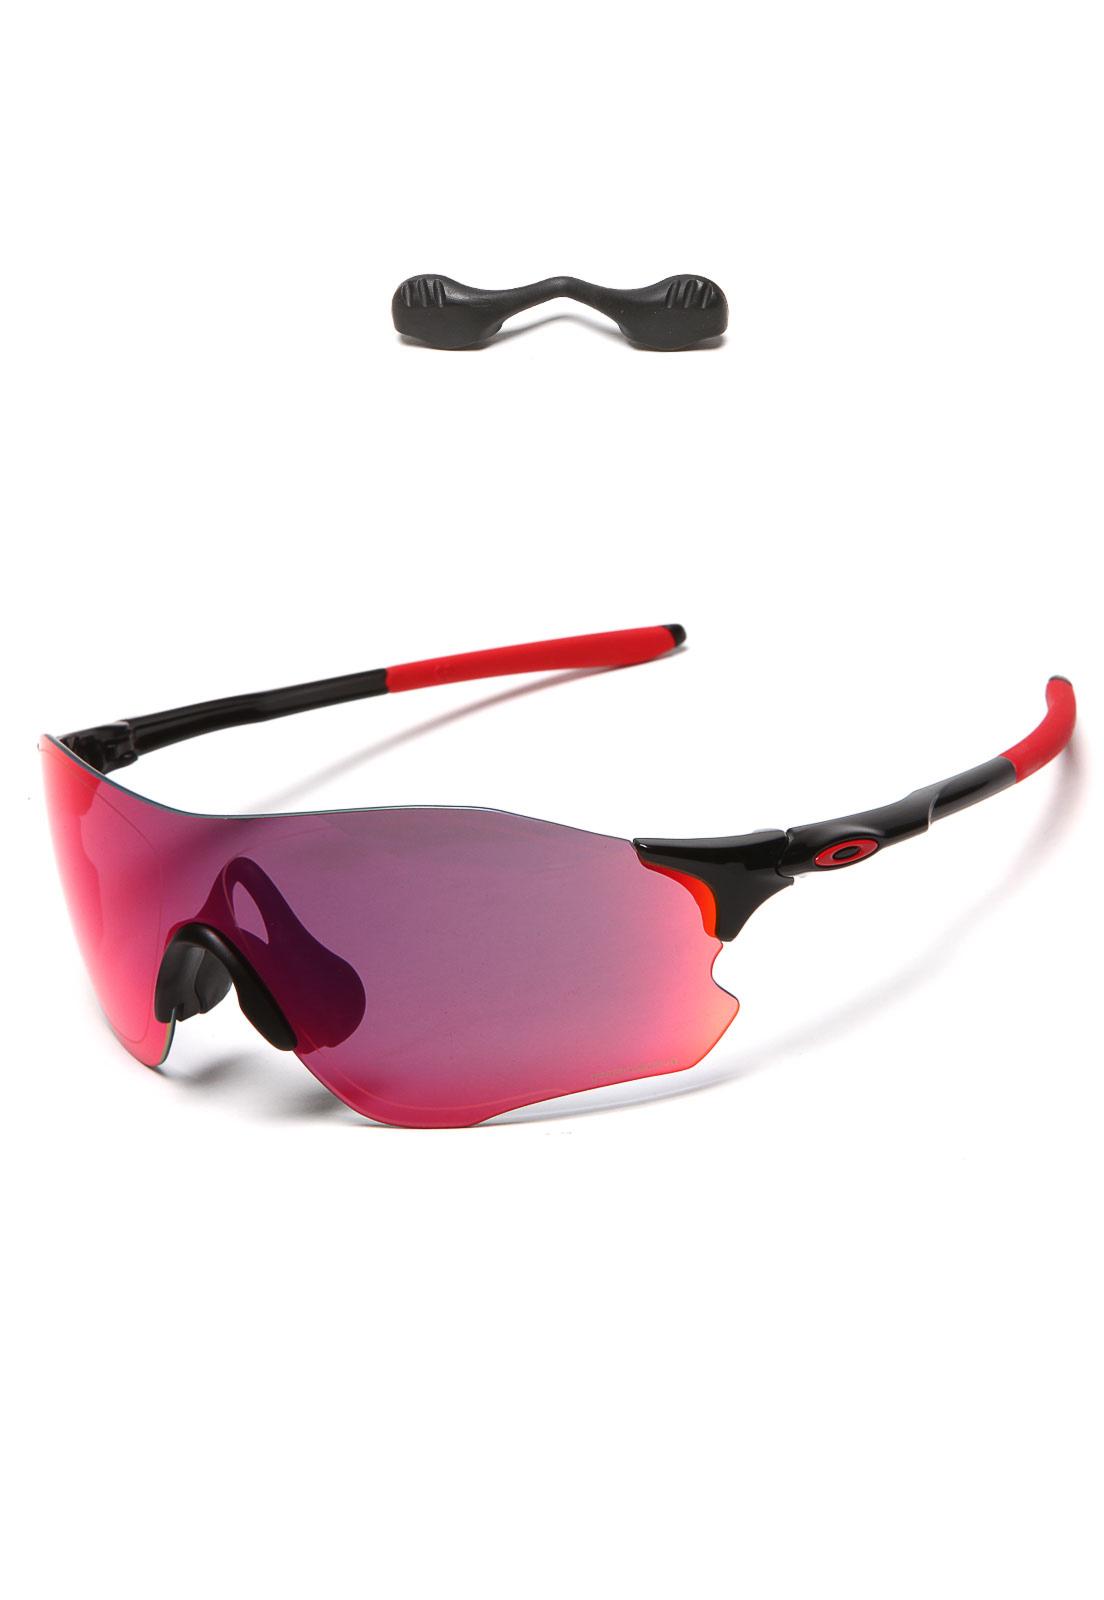 Óculos de Sol Oakley Evzero Path Vermelho Preto em 2018   Products ... cde8ac5fcc